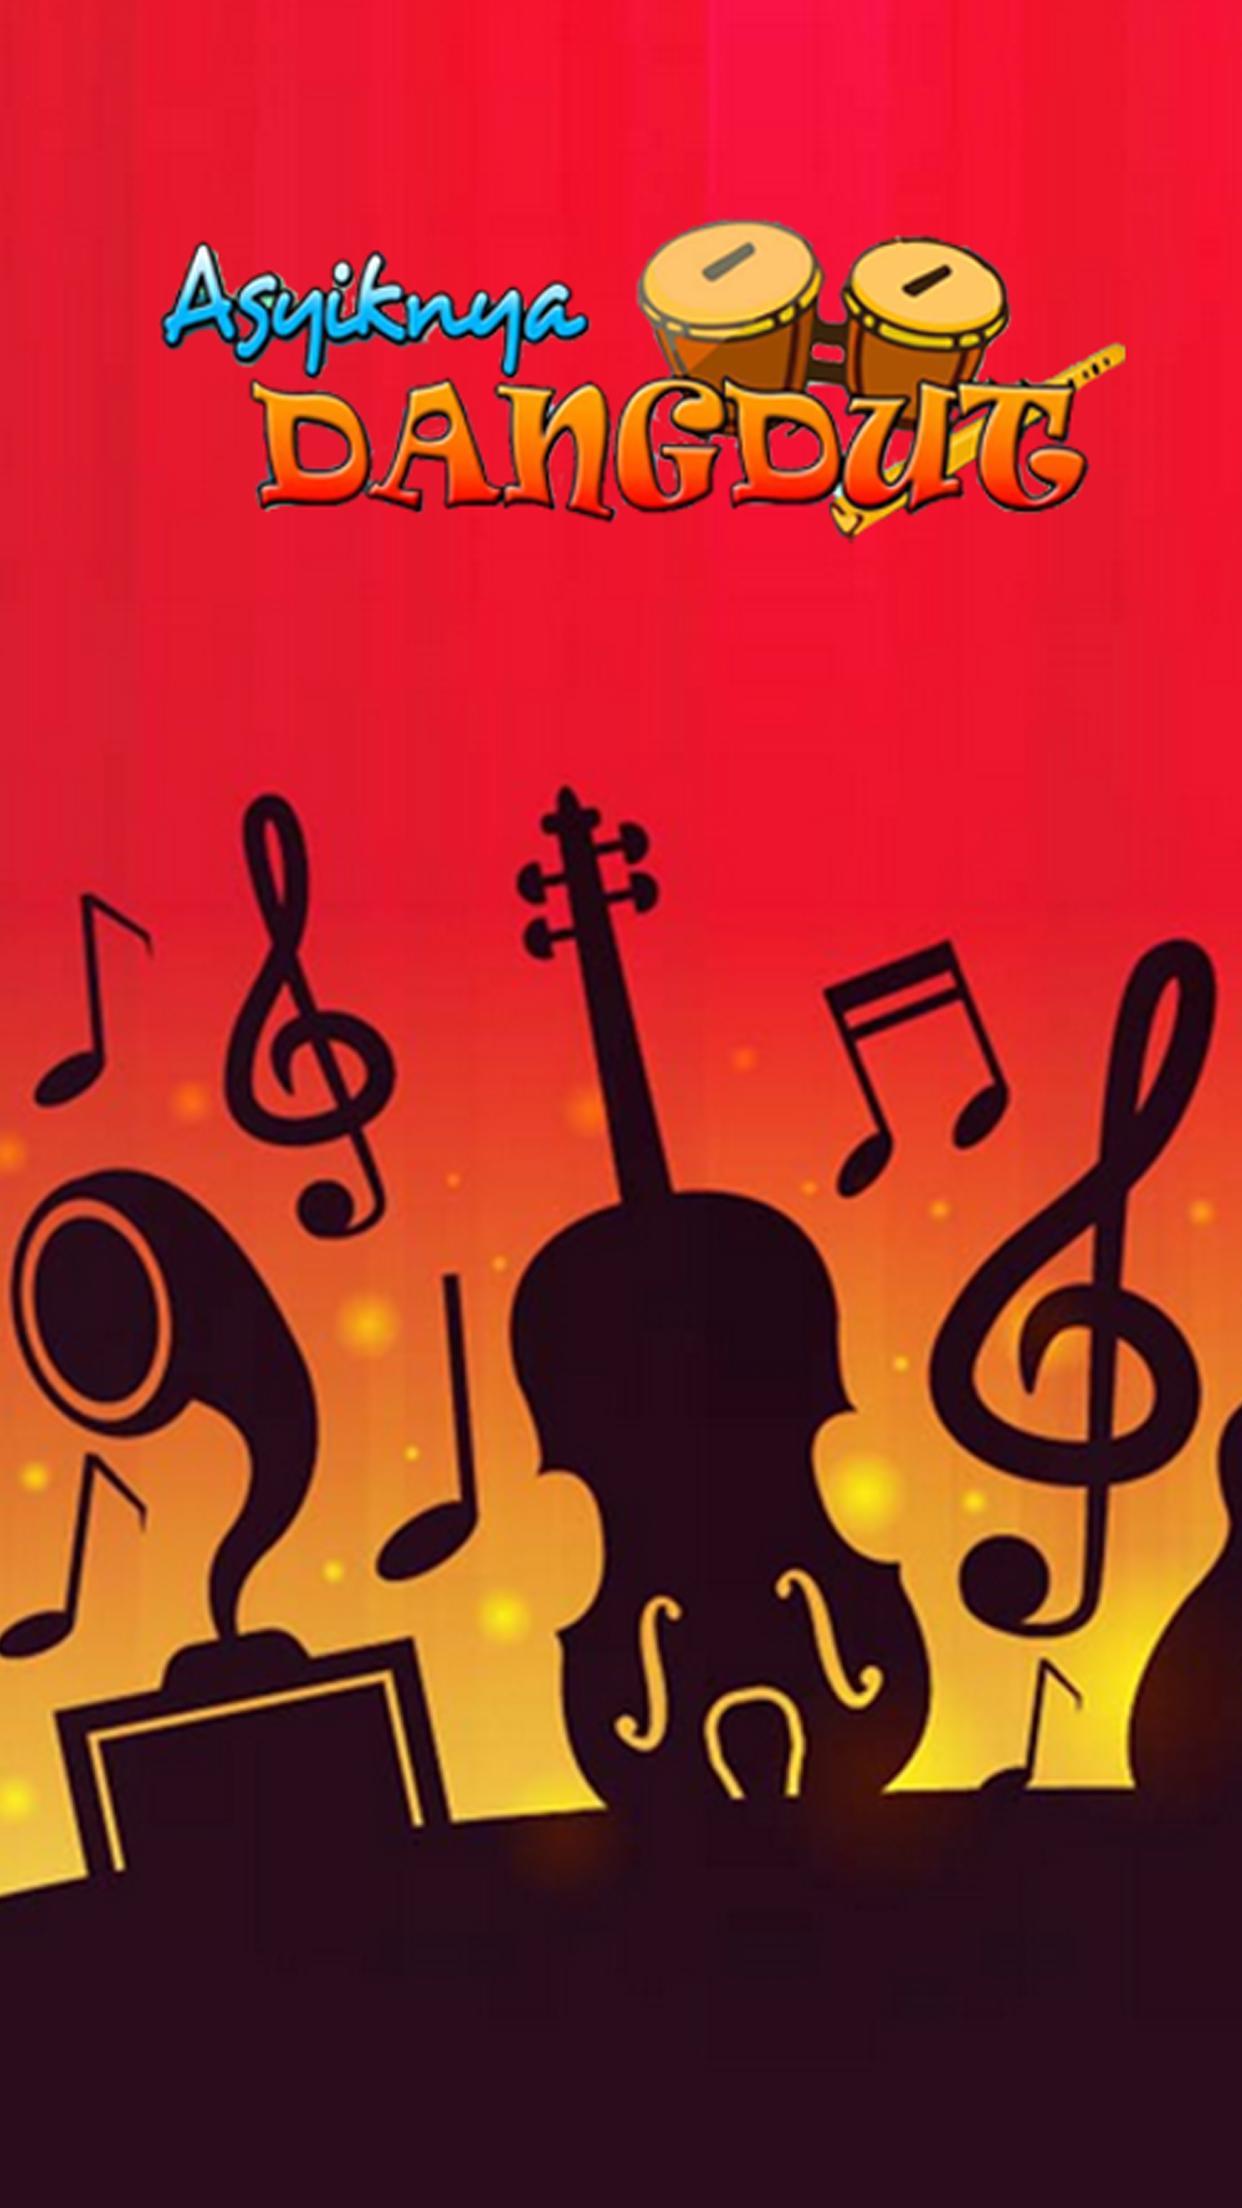 Karaoke Dangdut Rhoma Irama For Android Apk Download